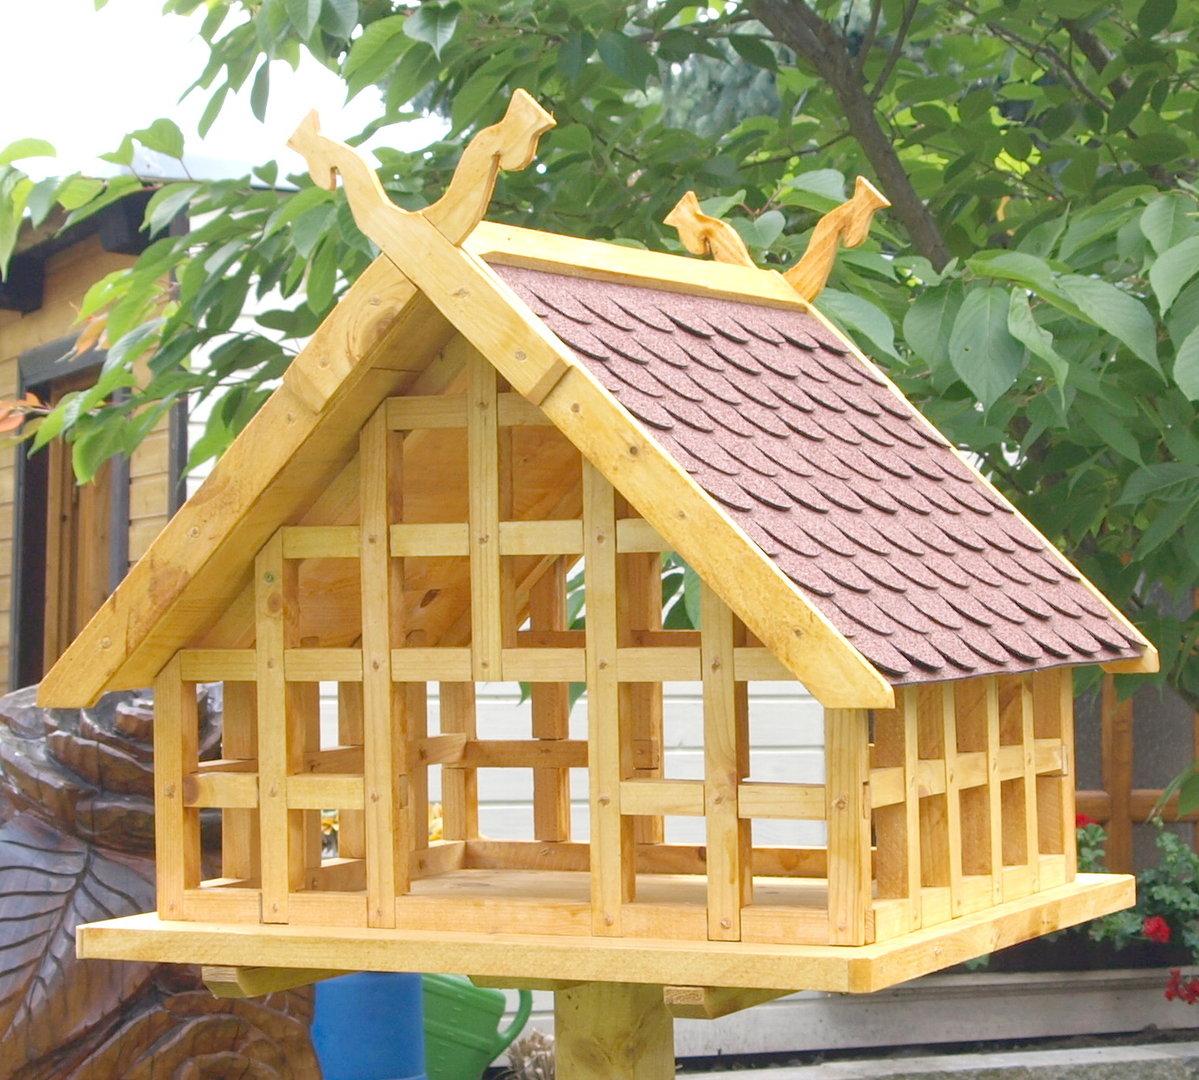 xxl spreewald fachwerk vogelhaus mit schlangenk pfen an den giebelspitzen und rotem schindeldach. Black Bedroom Furniture Sets. Home Design Ideas